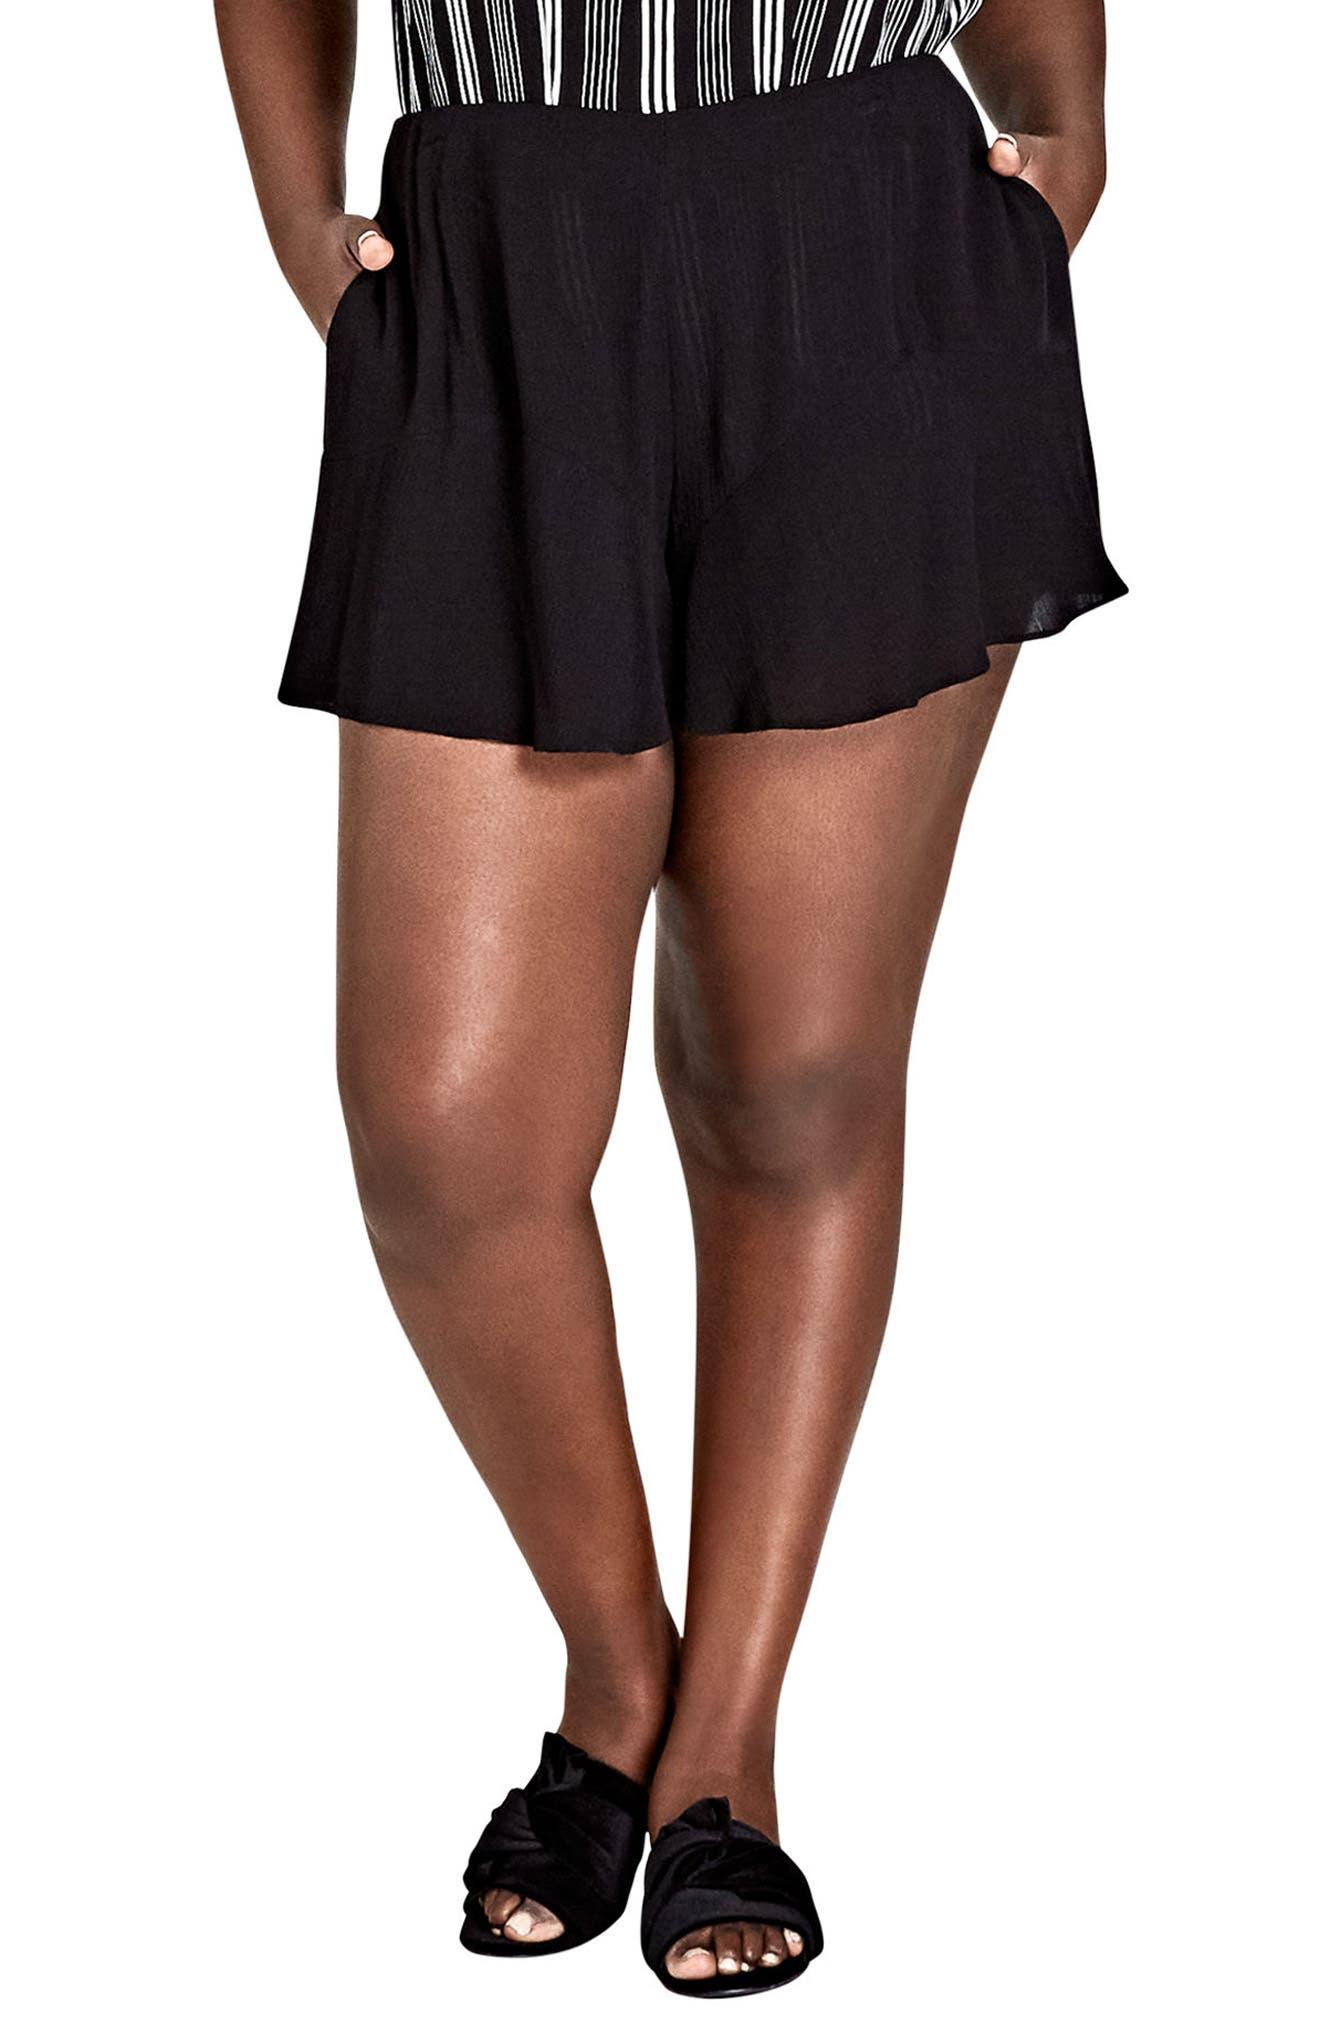 Sweet Frill Shorts,                             Main thumbnail 1, color,                             005